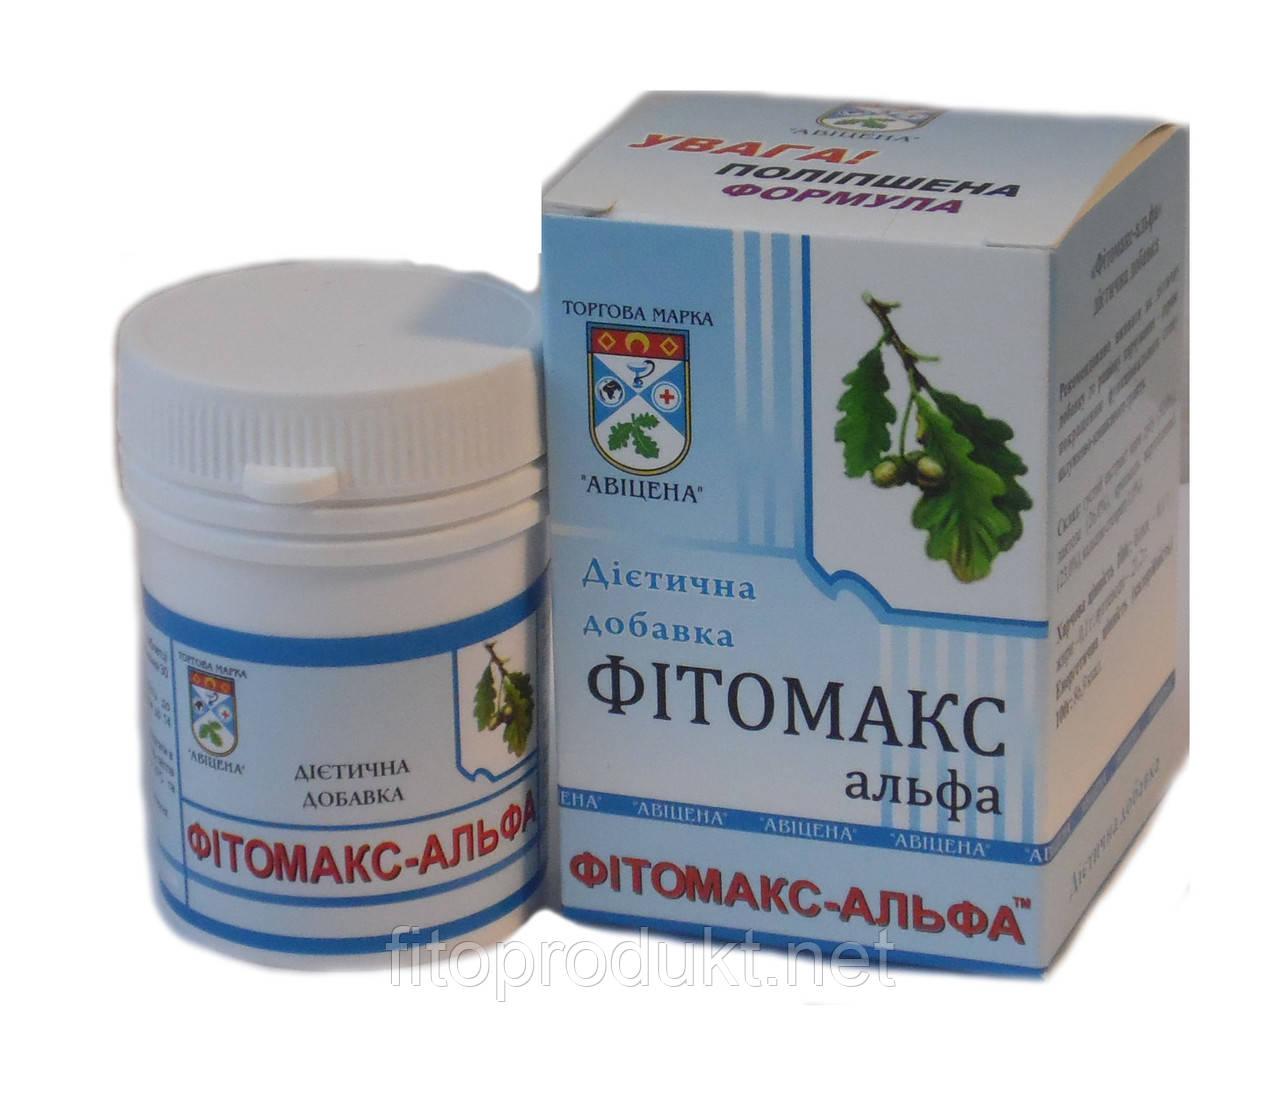 Фитомакс альфа экстракт коры дуба (в послеоперационный период) №30 табл Авицена